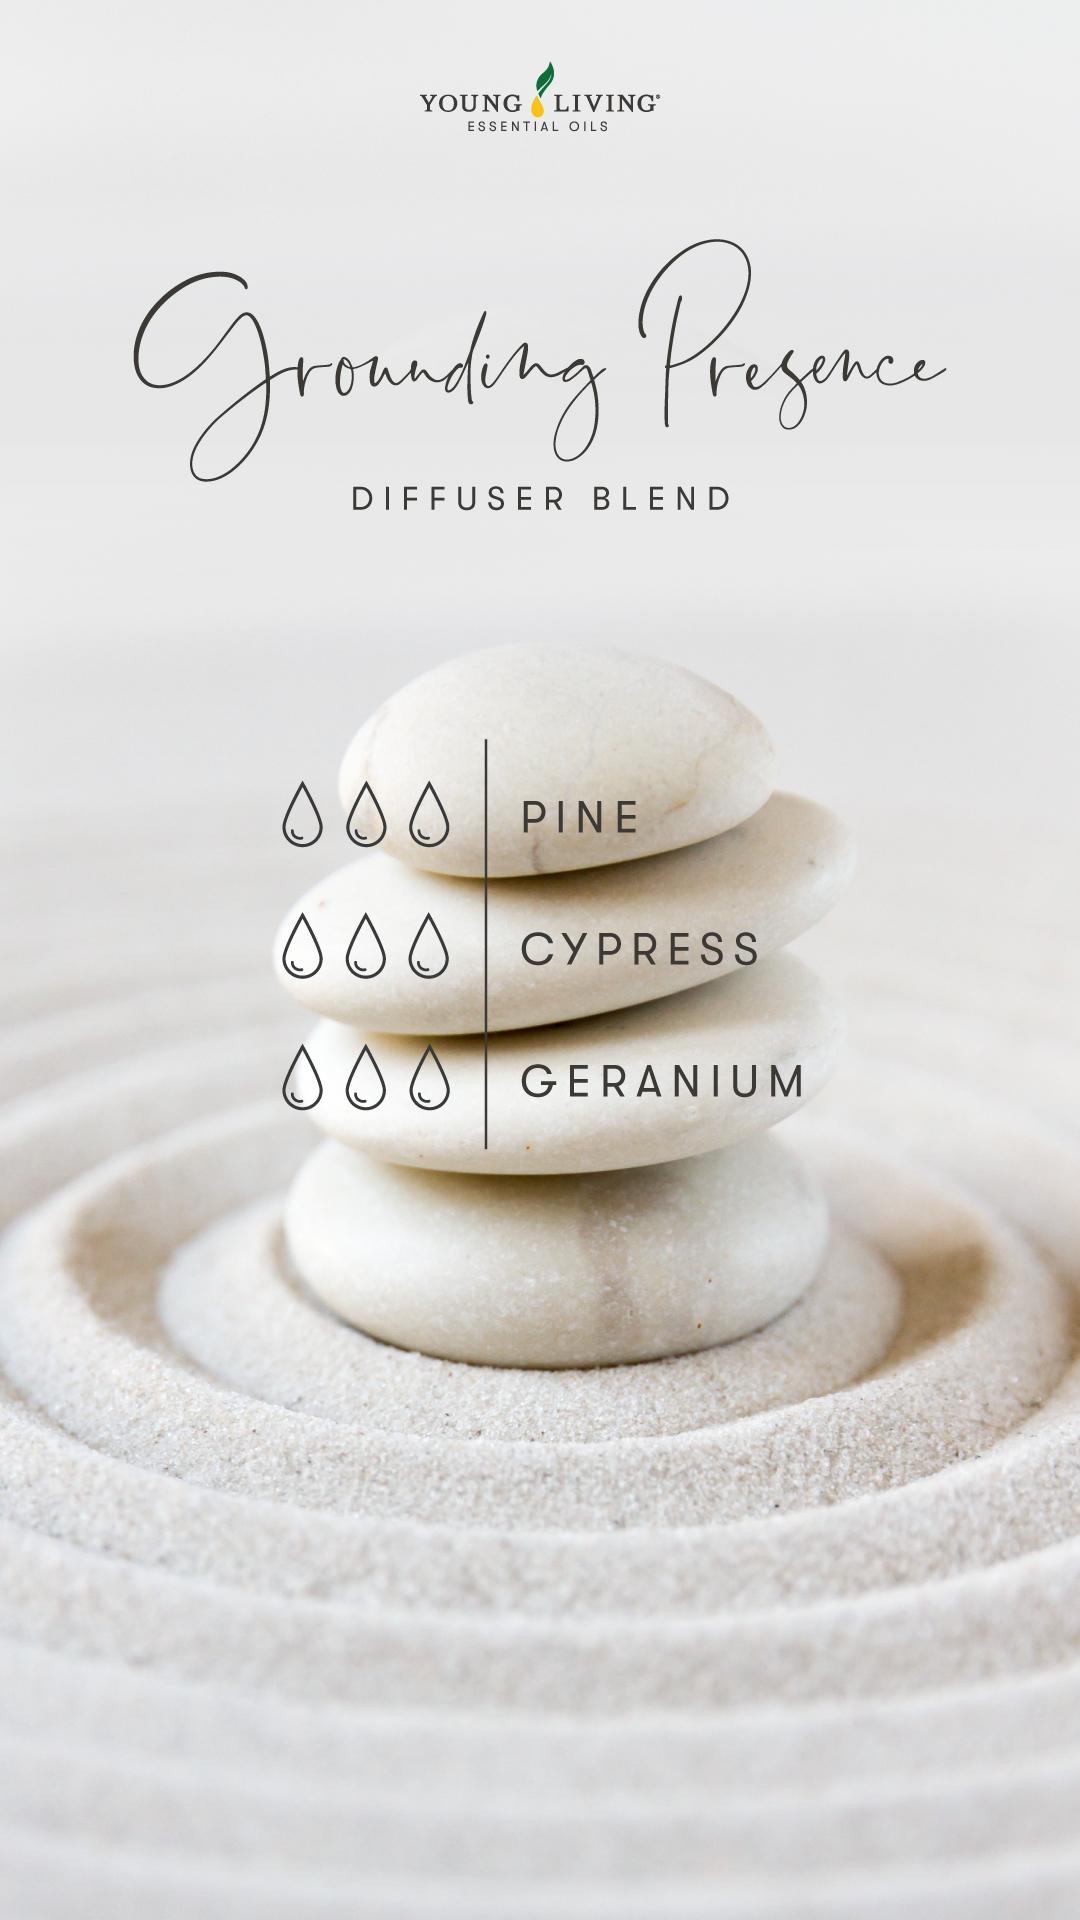 Grounding Presence Diffuser Blend - 3 drops Pine, 3 drops Cypress, 3 drops Geranium